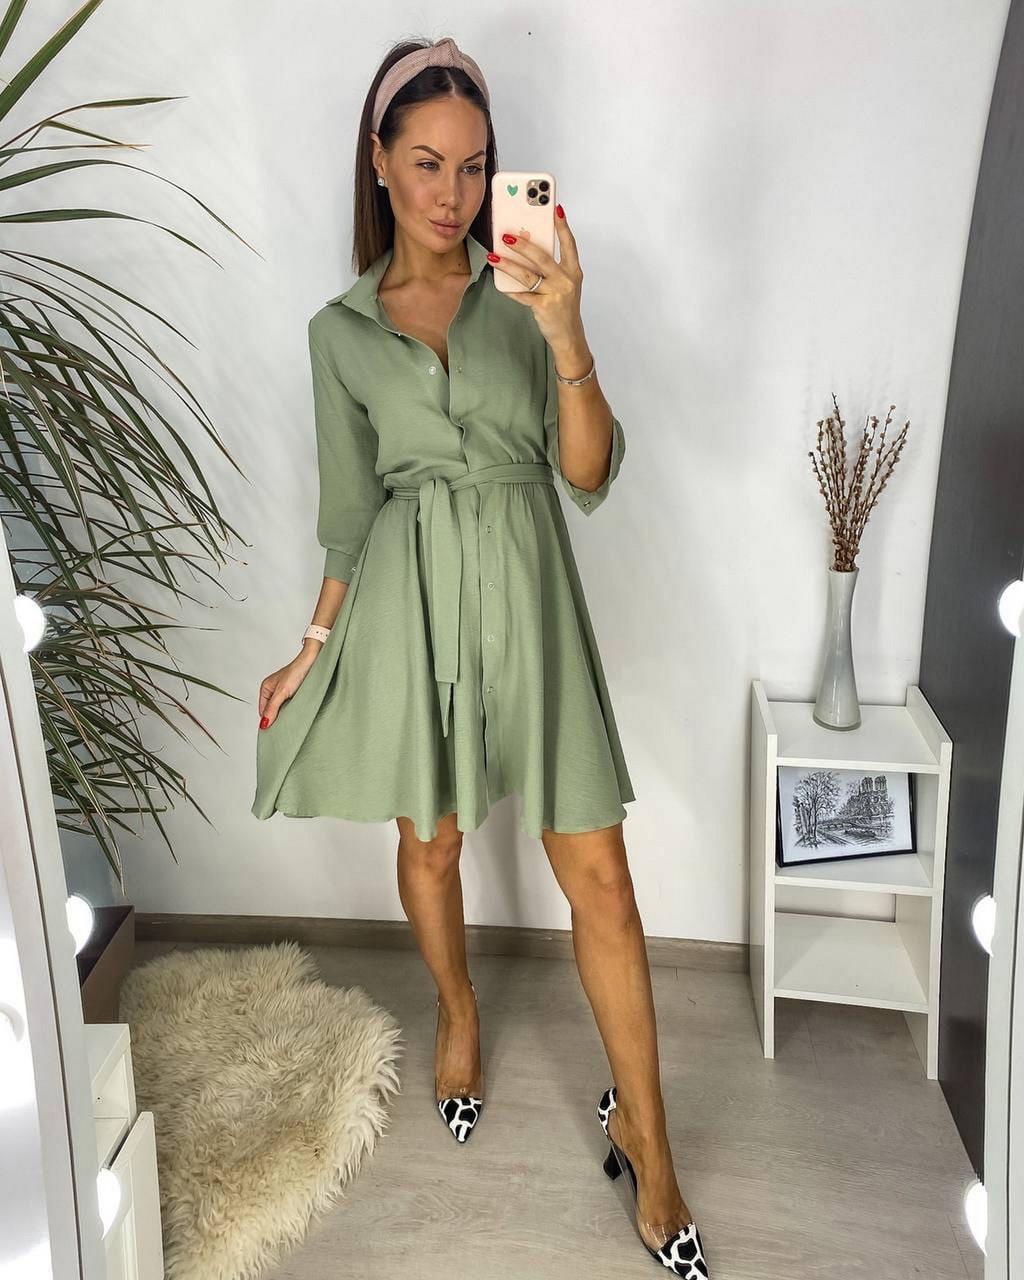 Вільне жіноче плаття на кнопках плюс пояс, спідниця кльош, 00752 (Оливковий), Розмір 42 (S)